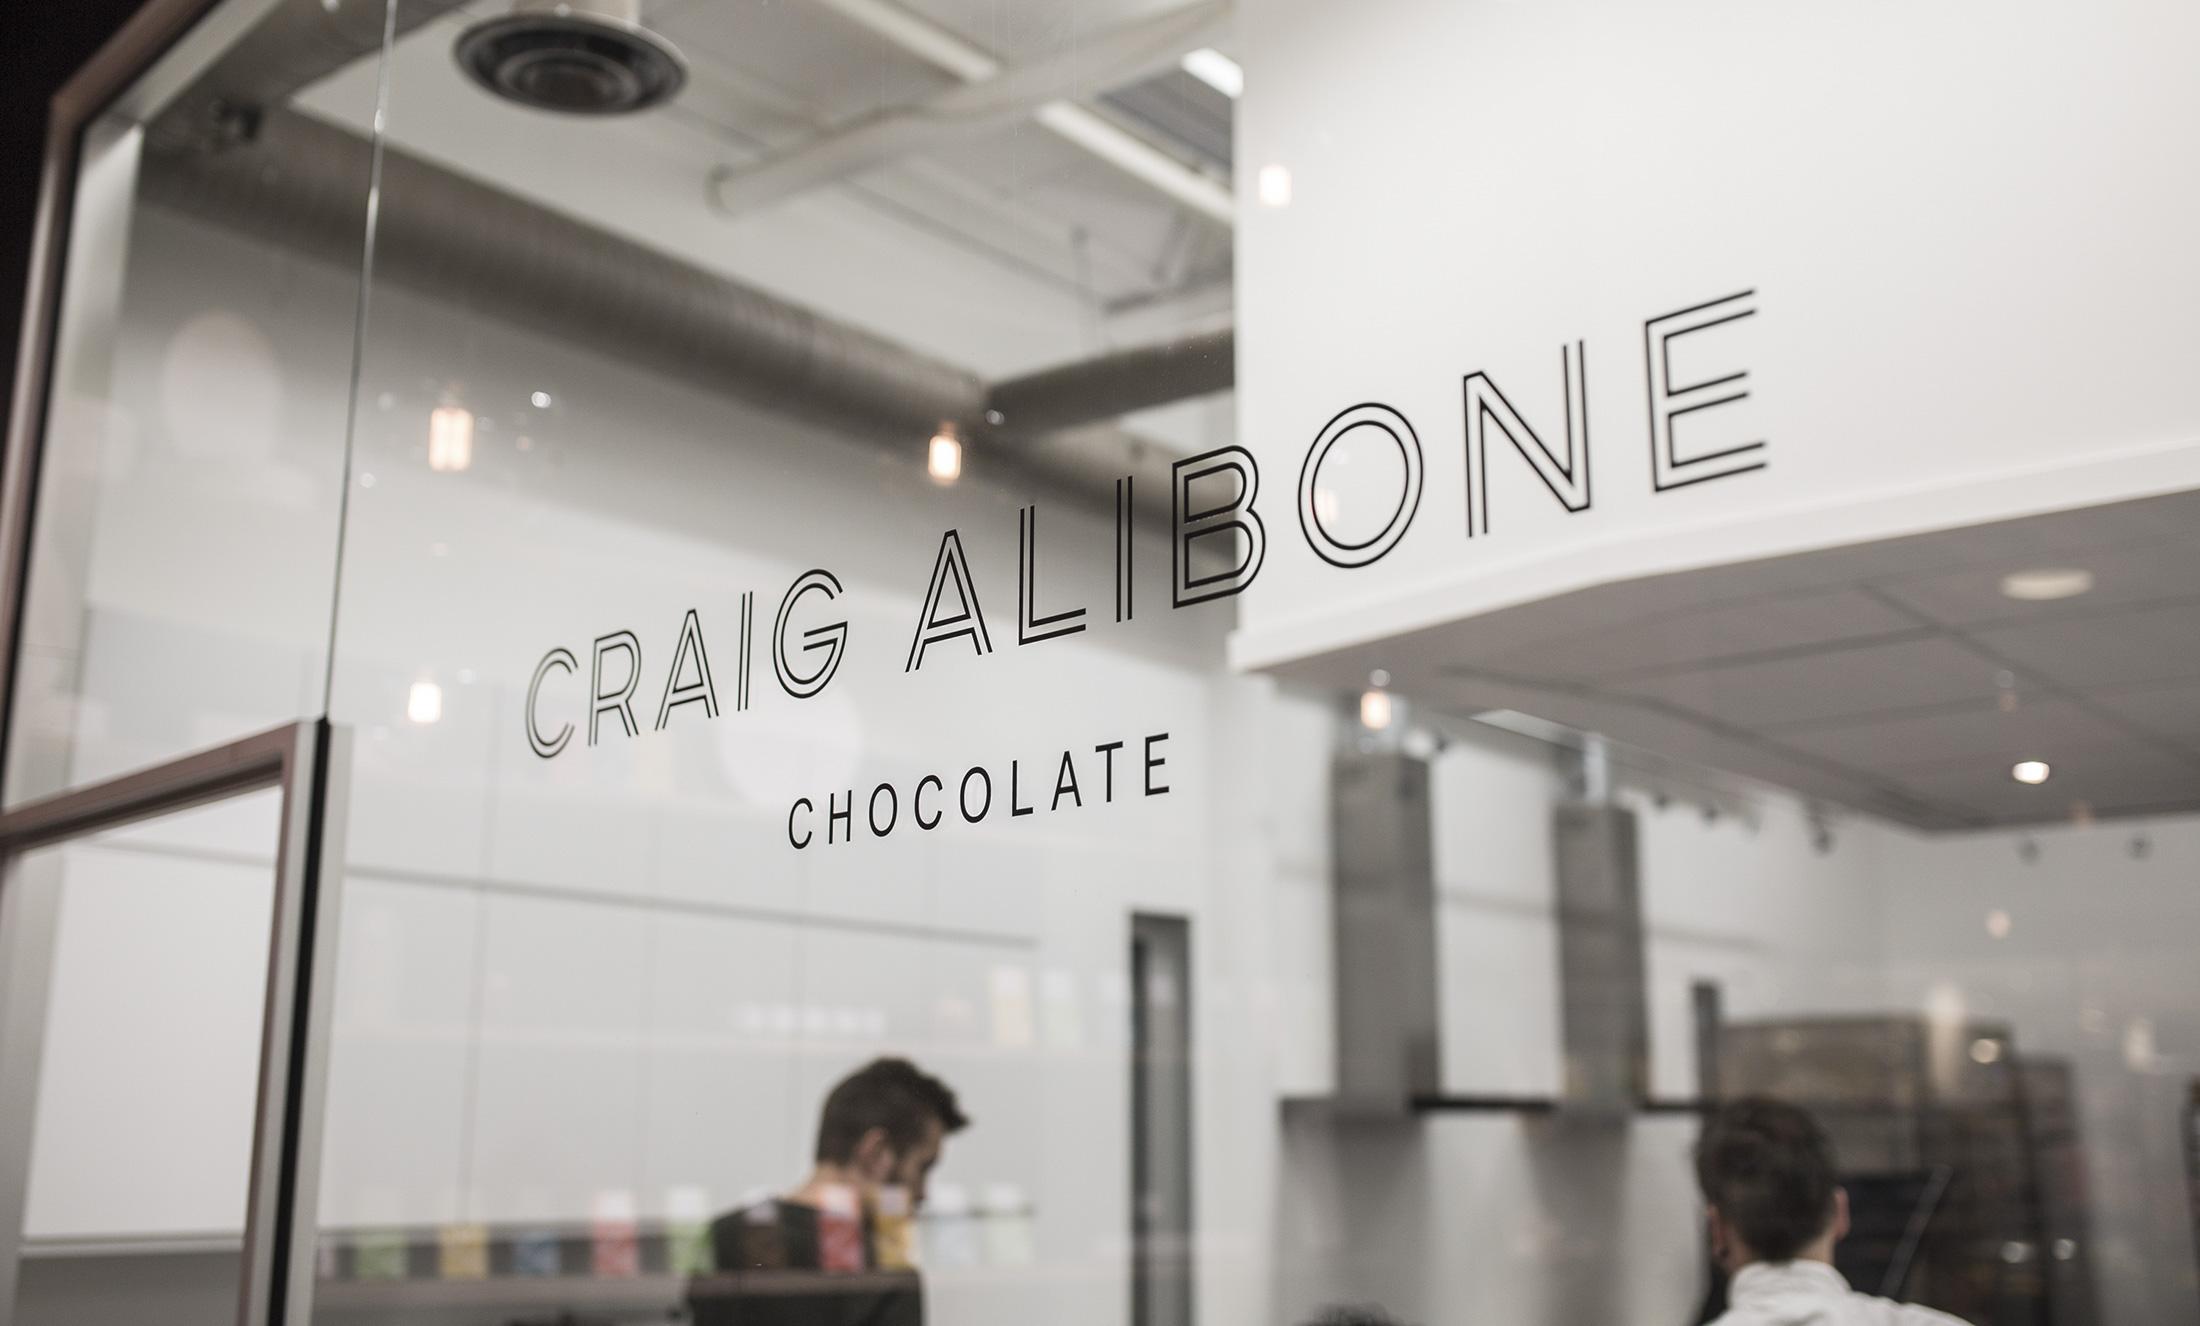 Craig Alibone Chocolate 品牌推广插图(9)